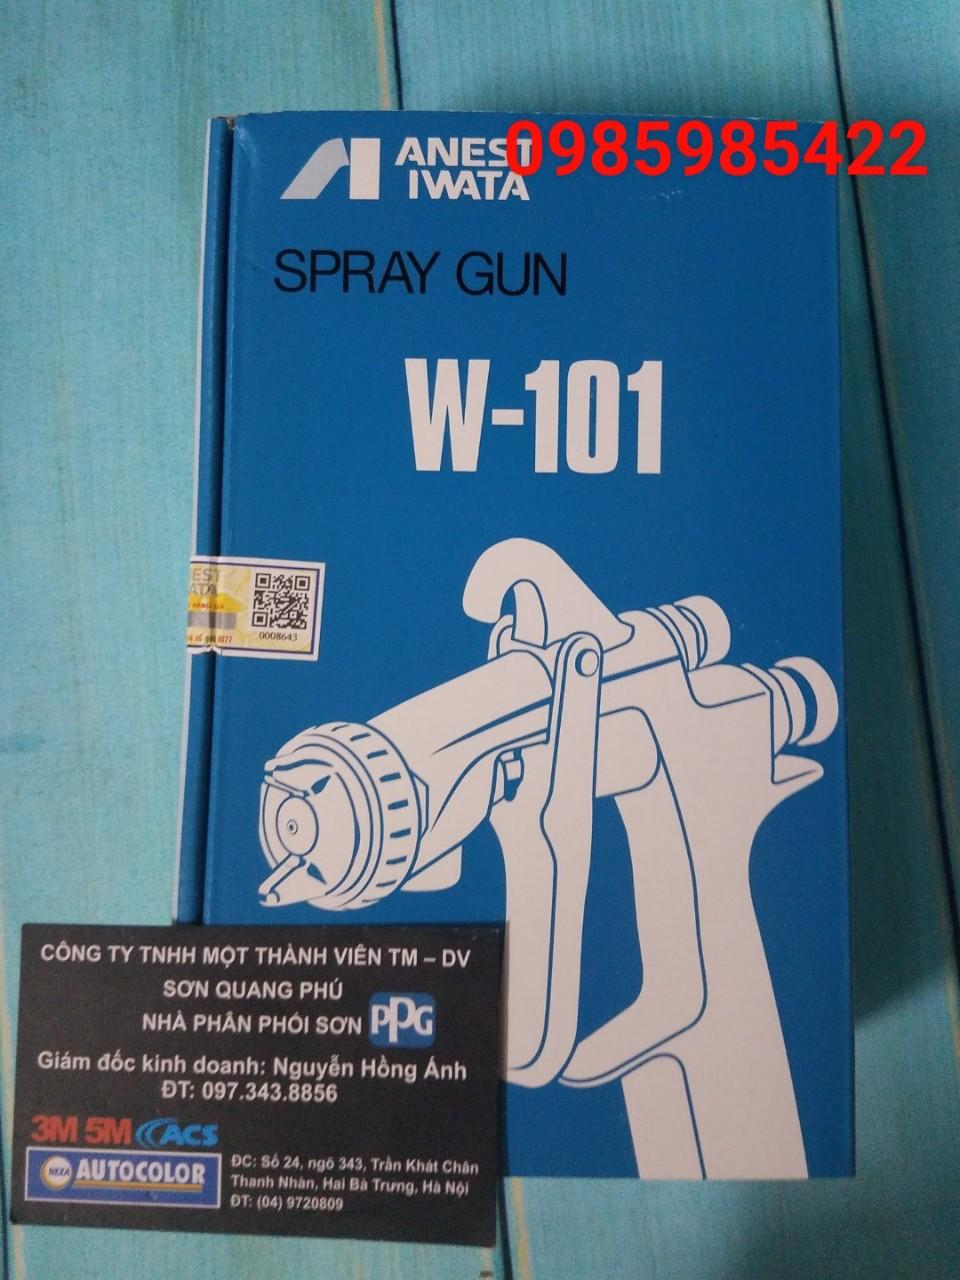 w101-134g-sung-phun-son-anest-iwata-nhat